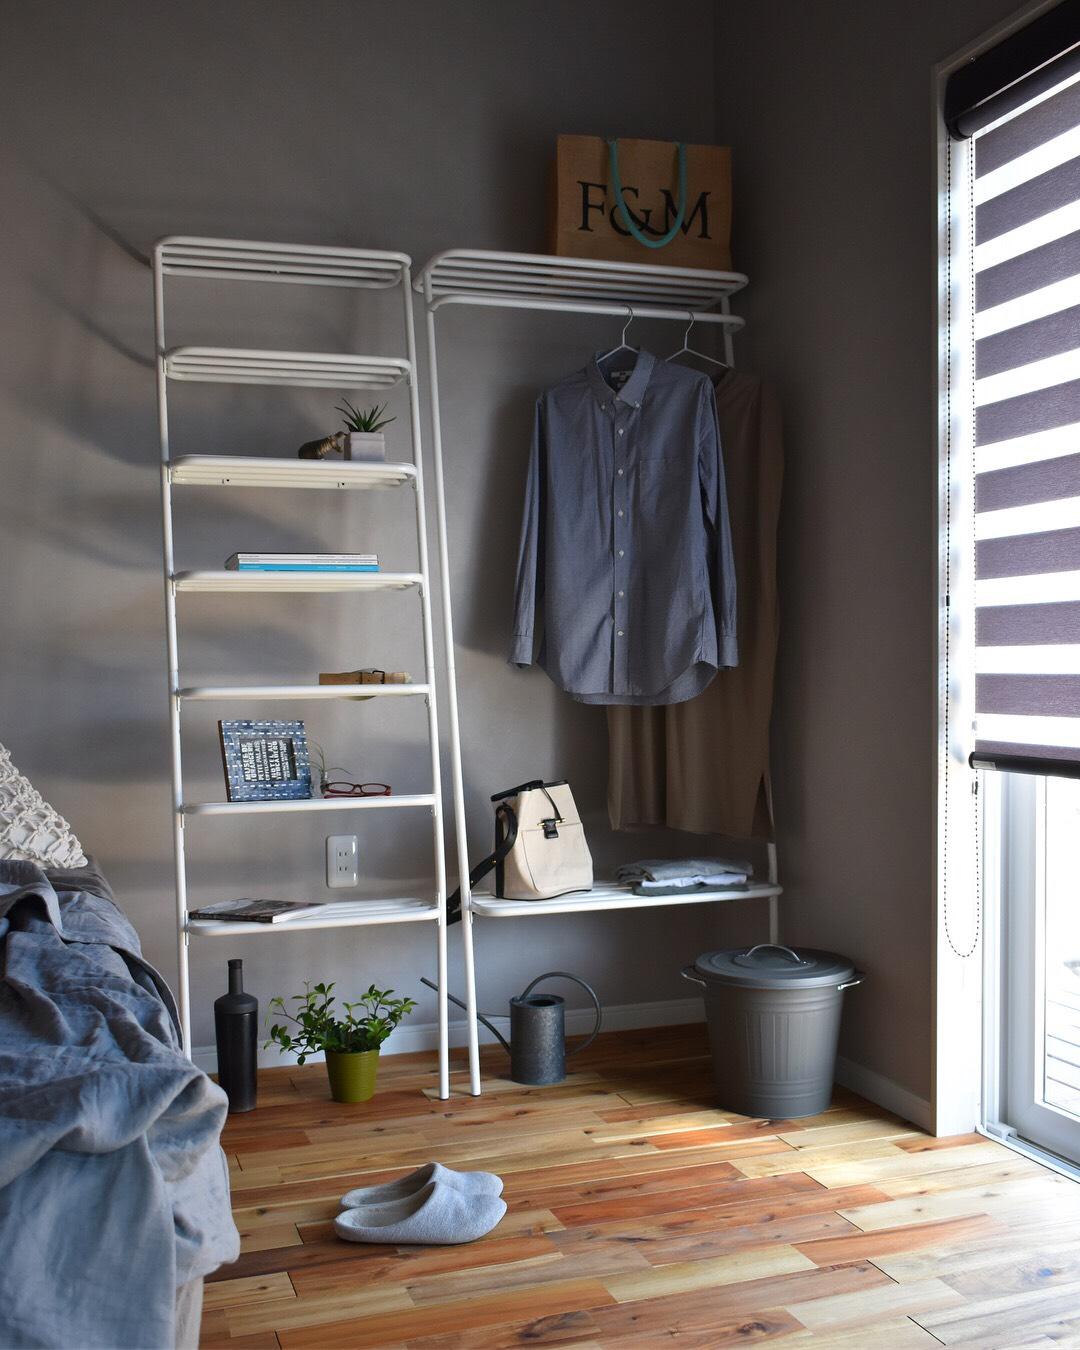 人生をずっと一緒に過ごせる家具。心地よい部屋づくりができる、奥行たった40cmに、コートもバッグも手袋も収納できる「立て掛け式ラック」|DUENDE WALL HANGER